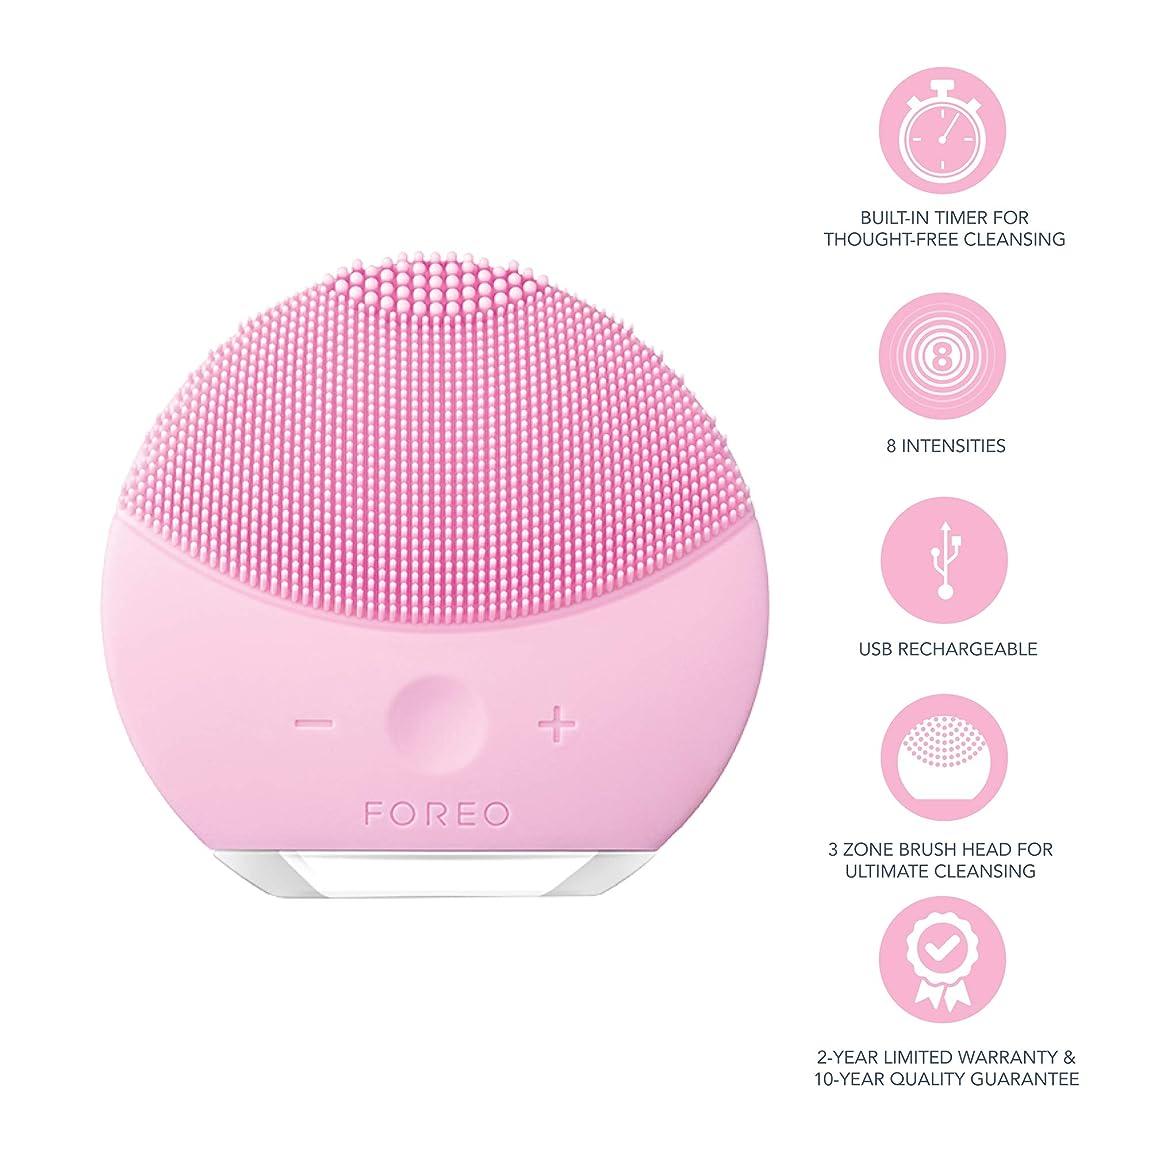 タックスキッパートラフィックFOREO LUNA mini 2 パールピンク 電動洗顔ブラシ シリコーン製 音波振動